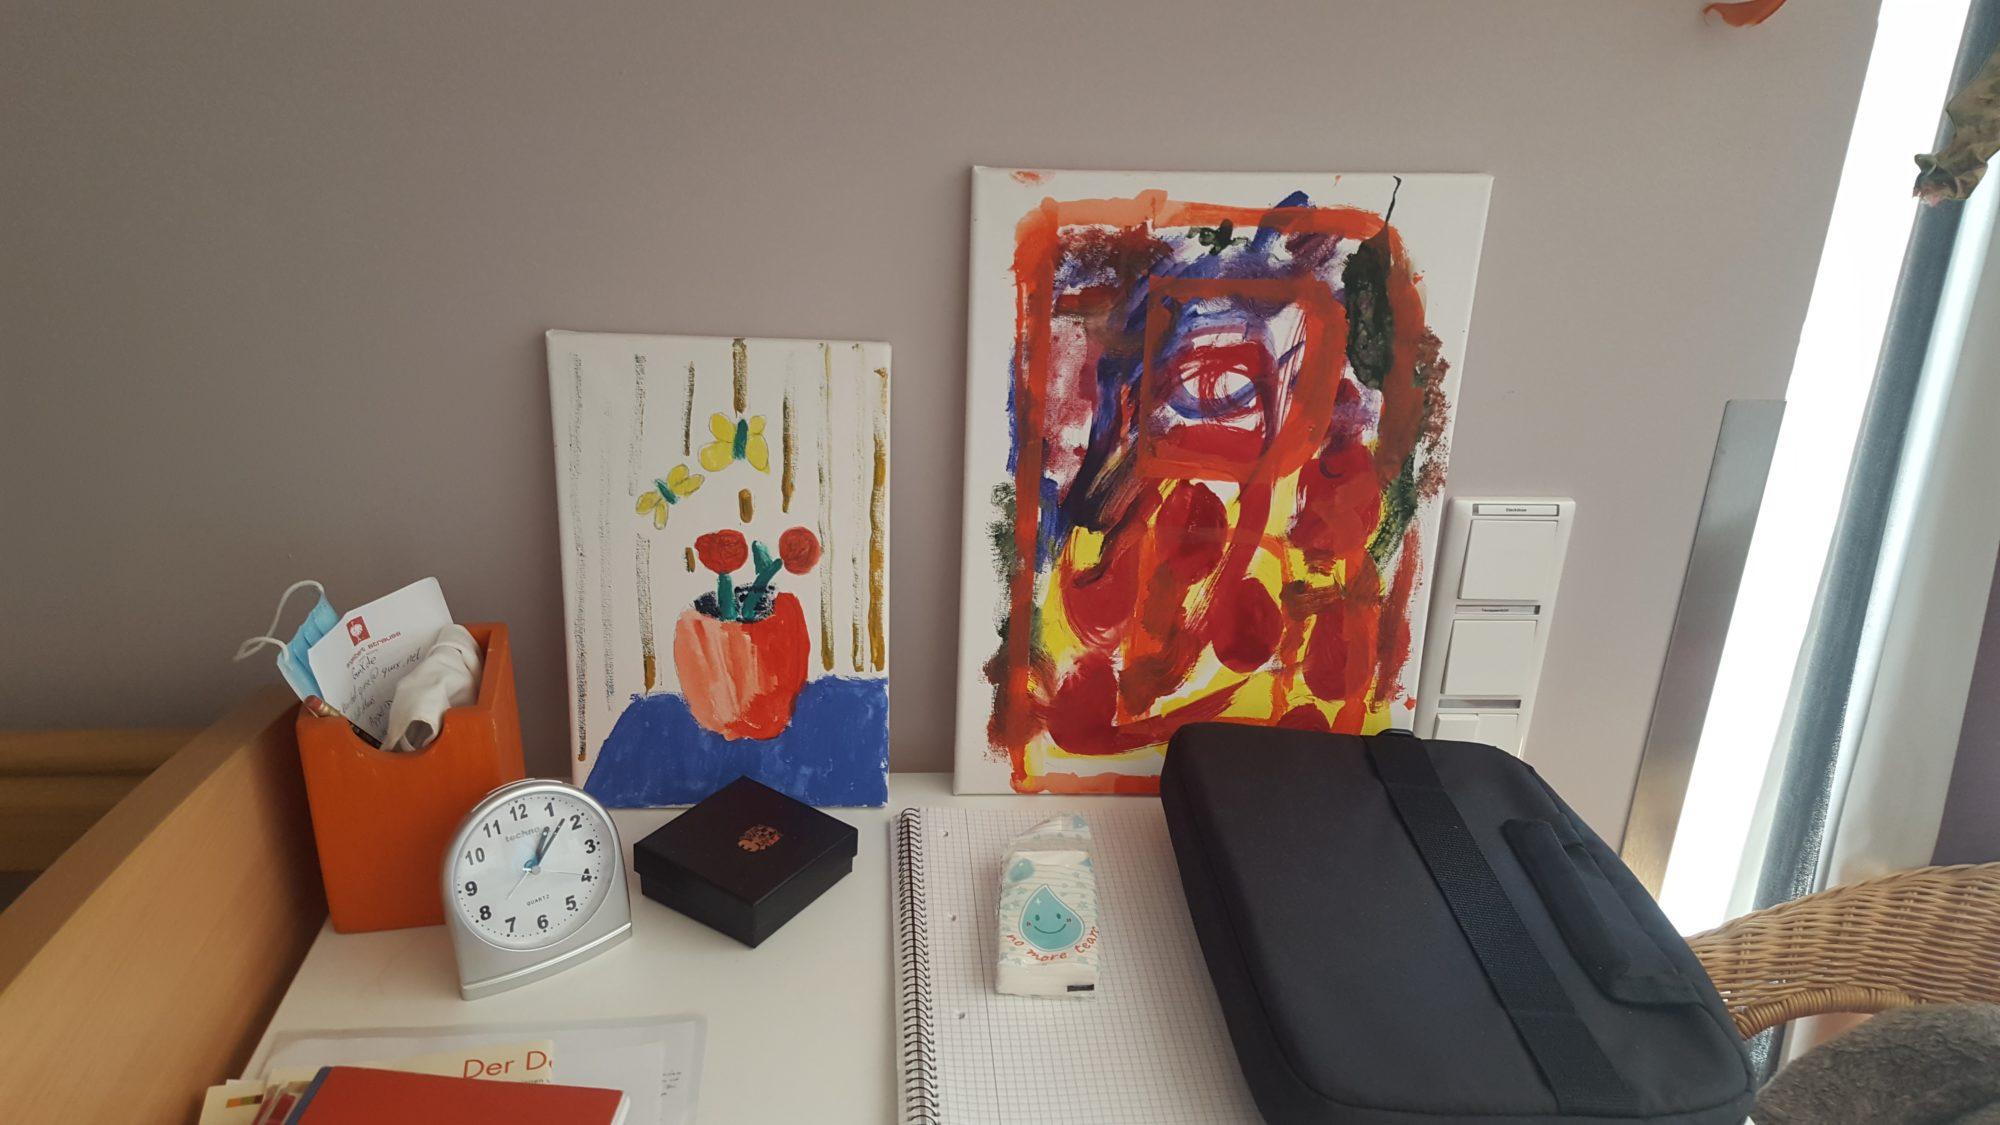 Eines der von Klientinnen und Klienten gemalten Bilder.